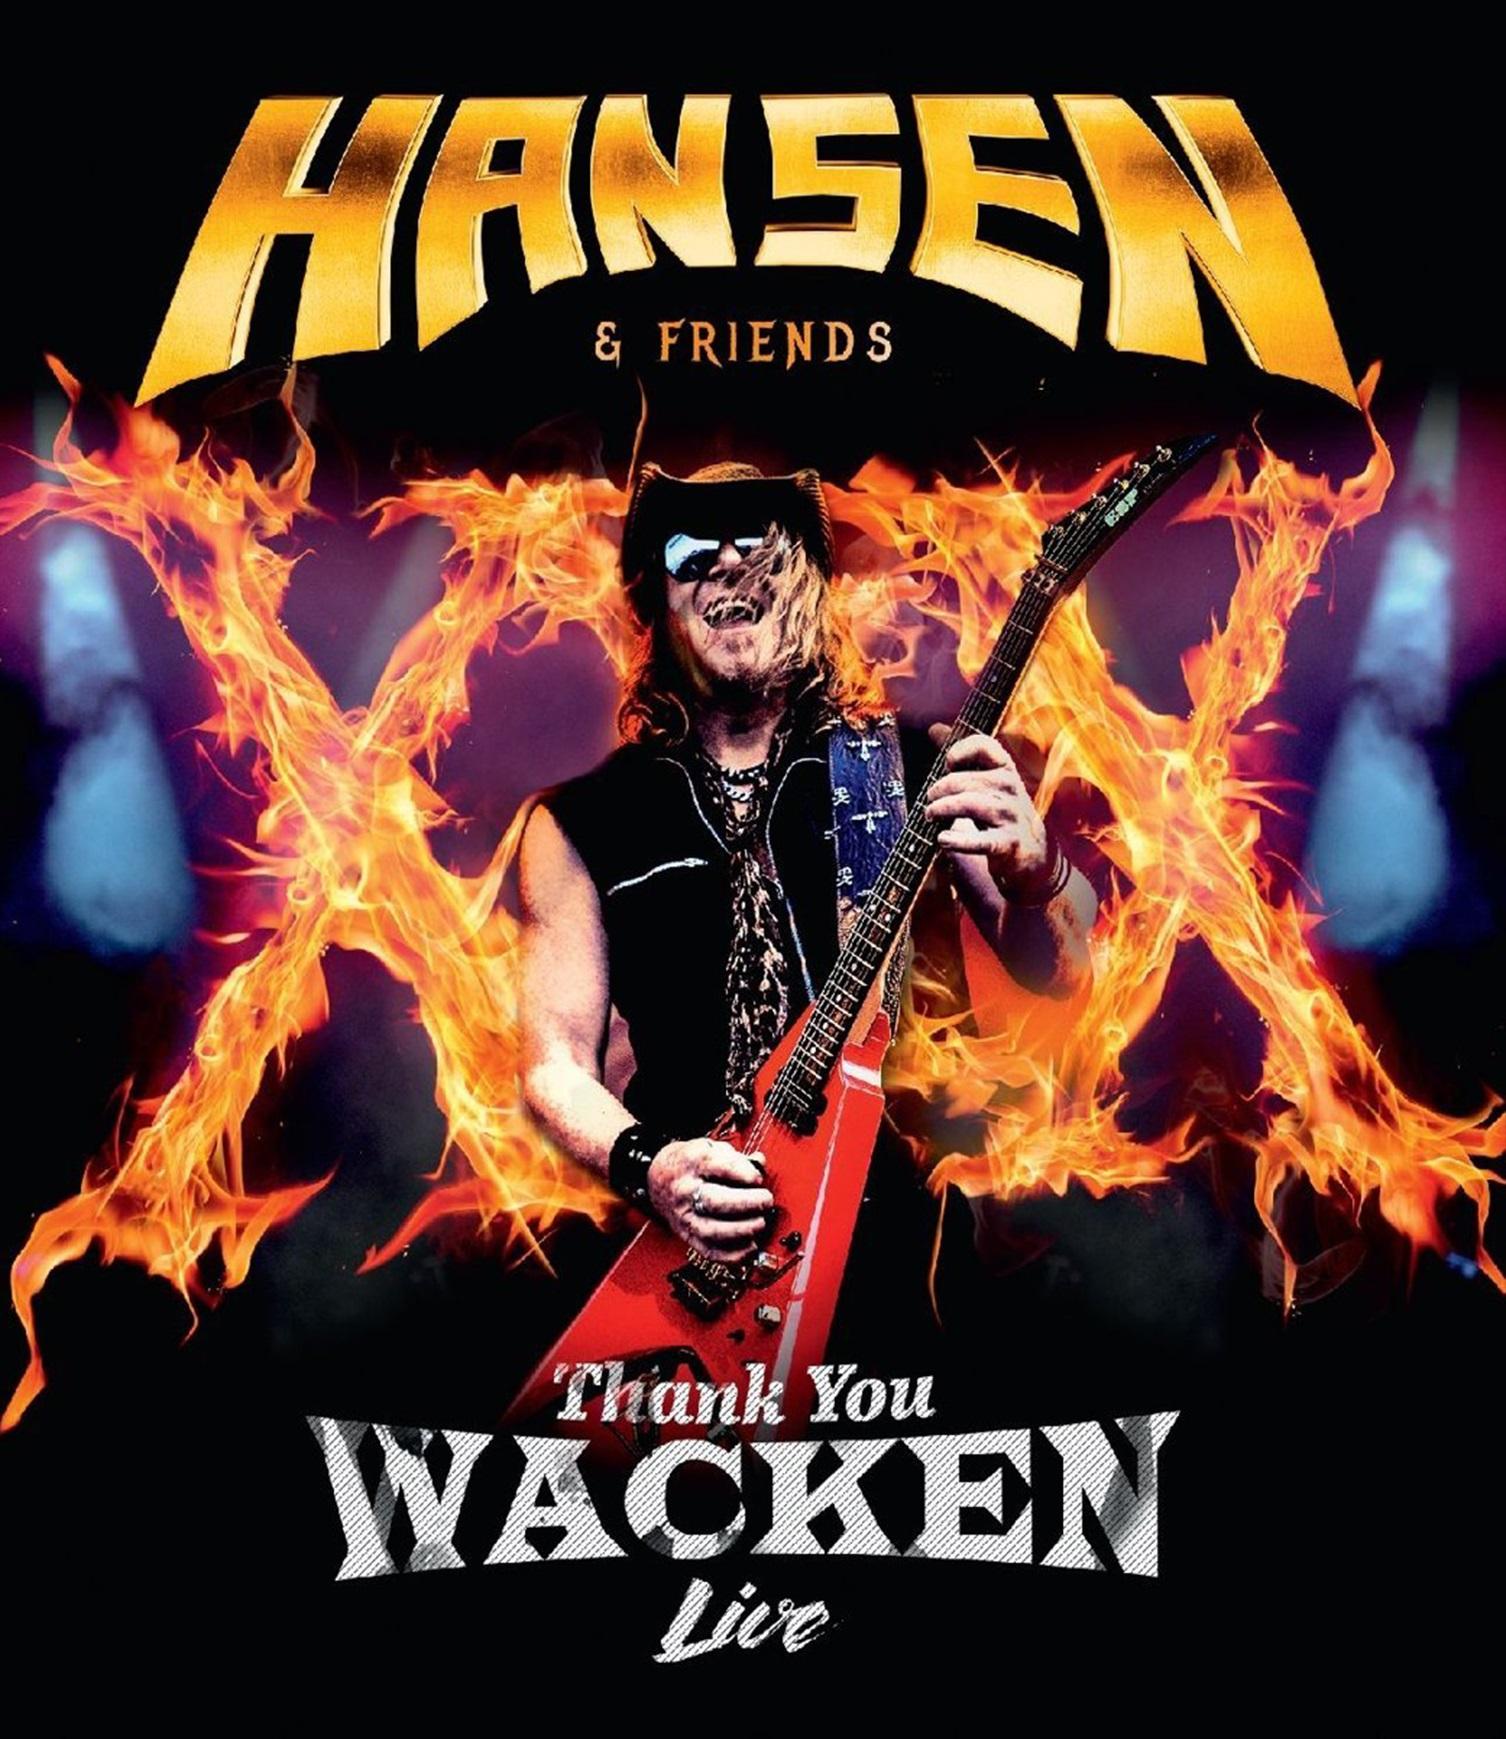 Hansen & Friends — Thank You Wacken Live (2017)